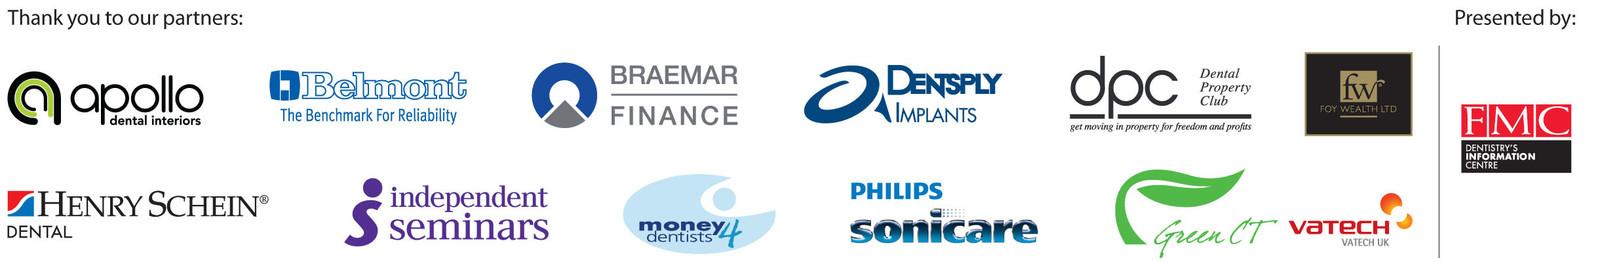 PD Awards Sponsor Strip 2014.indd